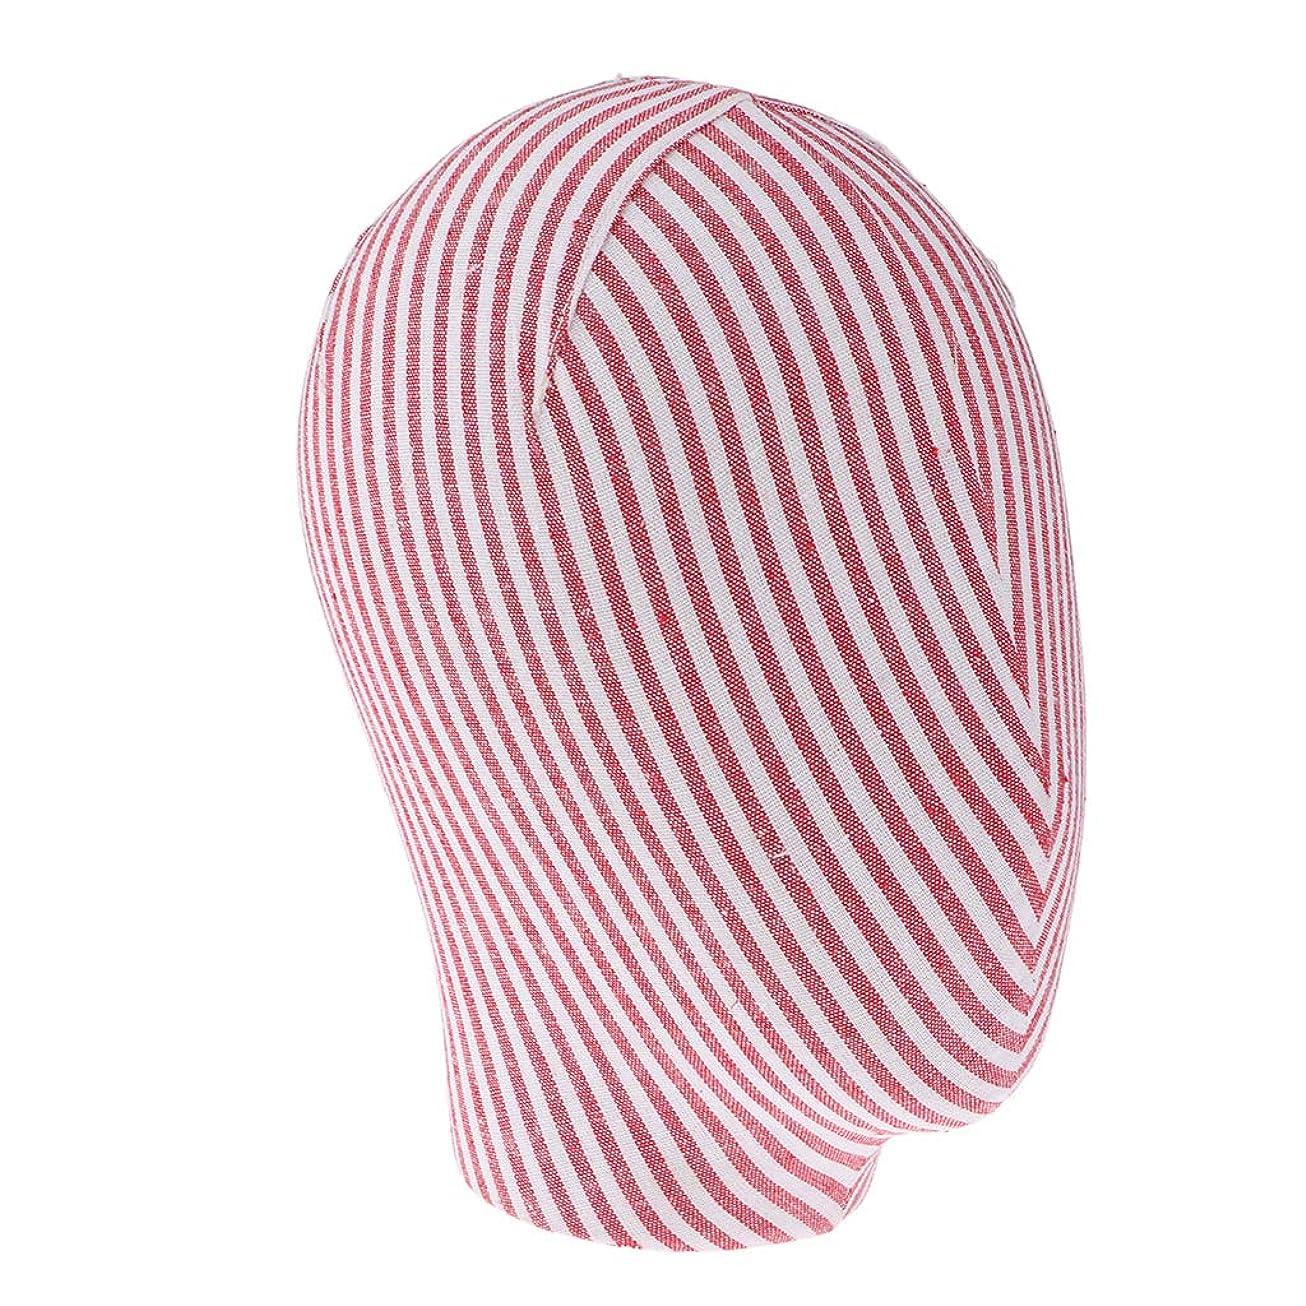 湿原コア頭痛キャンバス マネキンヘッド モデル かつら ジュエリー ラック 3色選べ - 赤